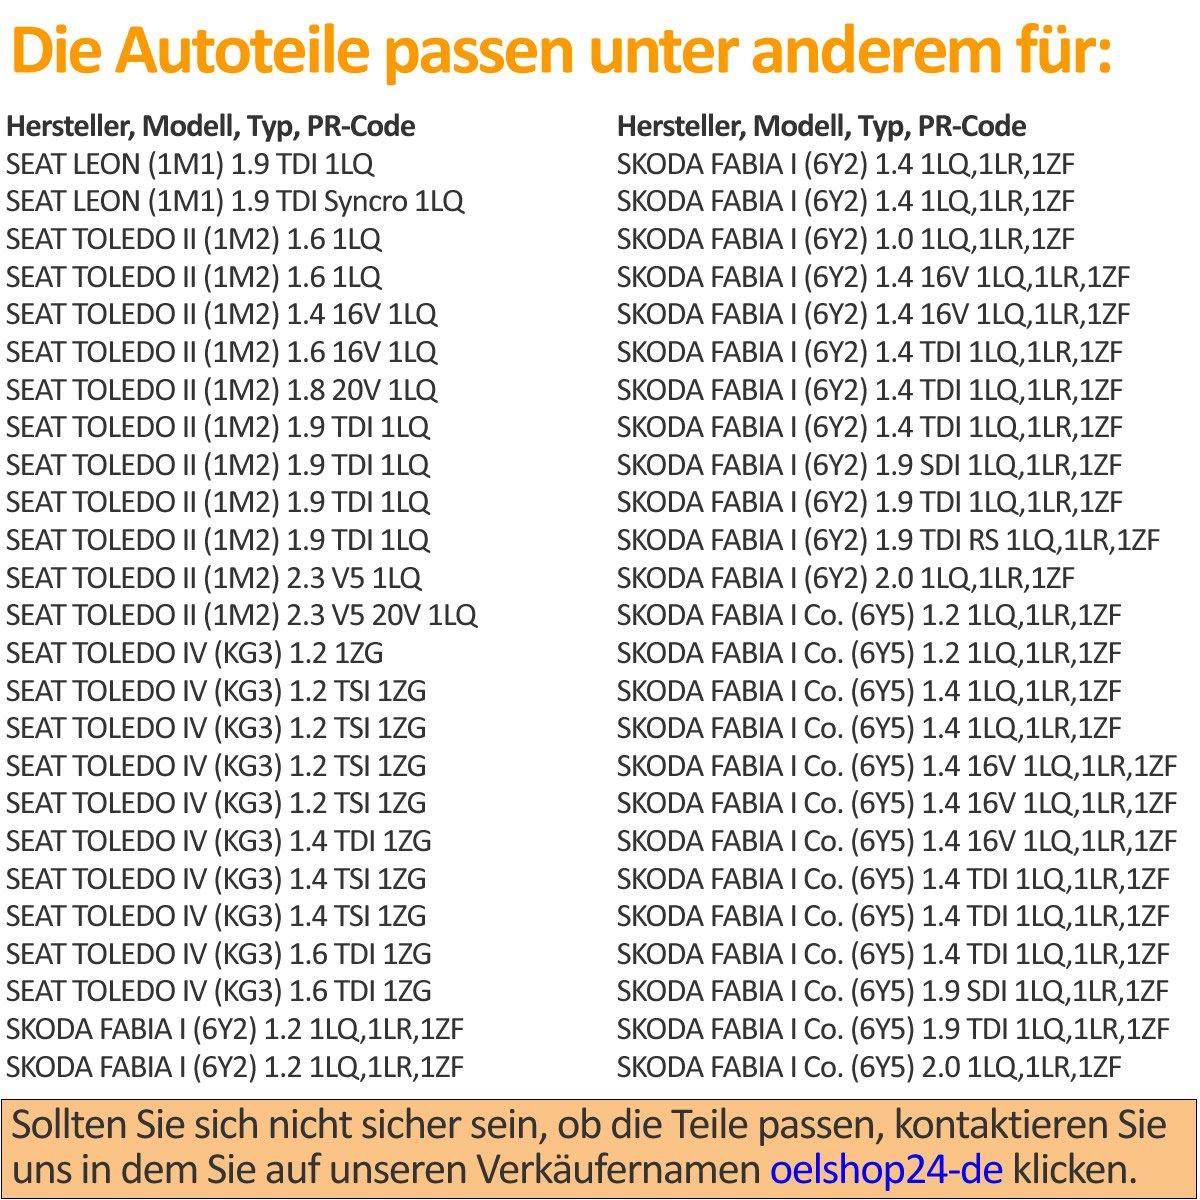 Priner Montagehandschuhe 100/% passend f/ür Ihr Fahrzeug Bremsscheiben und Bremsbel/äge f/ür vorne /Ø 256 mm und hinten /Ø 230 mm enthalten inkl Inspektionspaket Zimmermann Bremsen Set inkl AN161